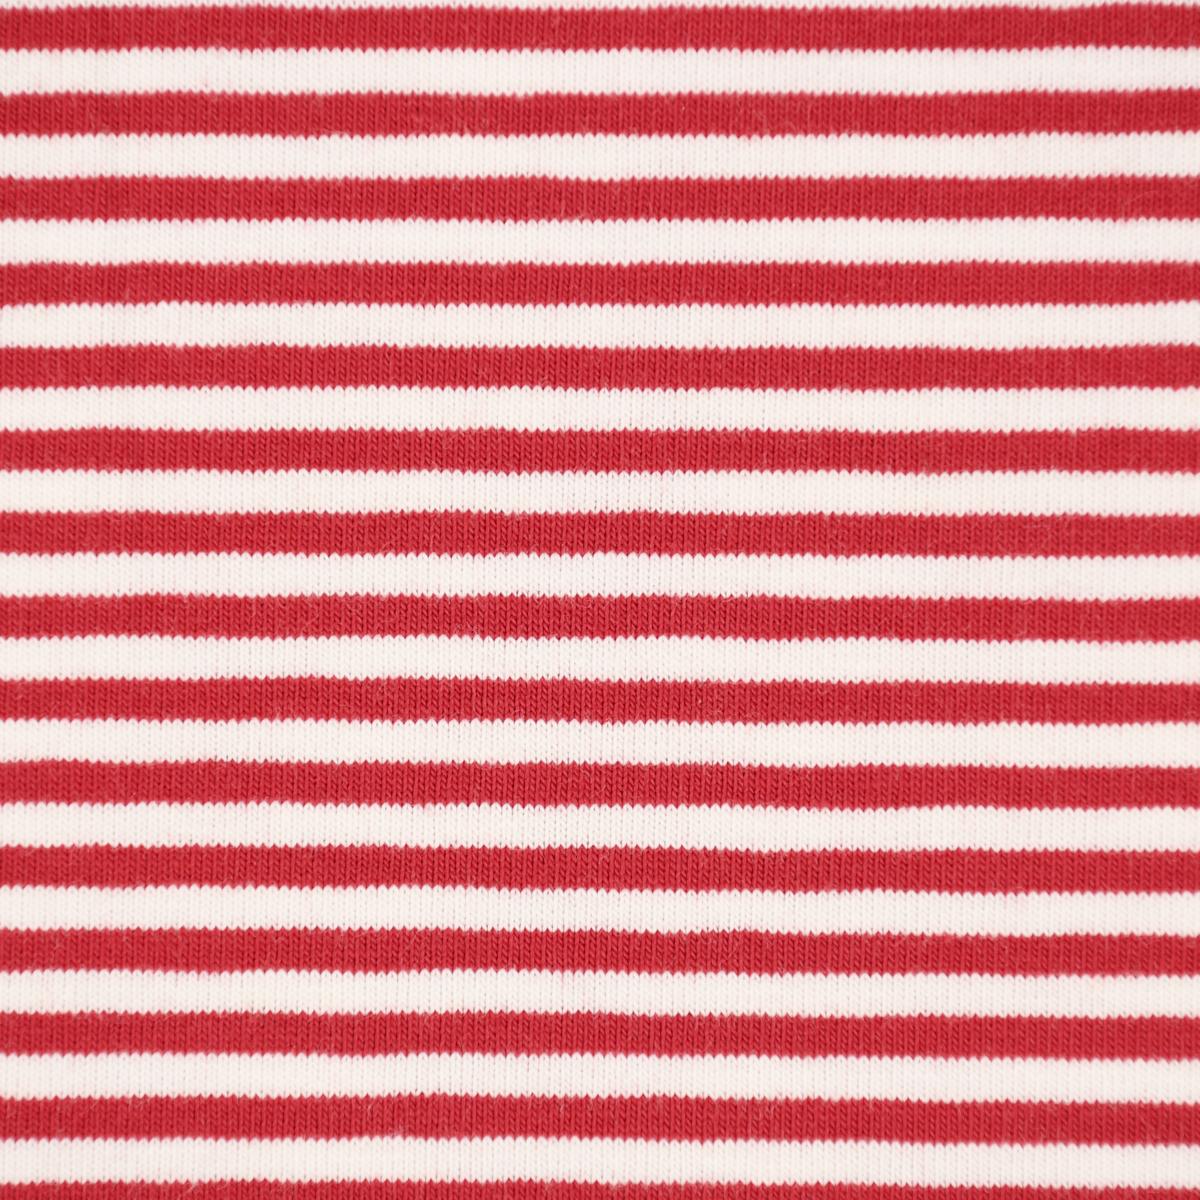 Jersey Stoff Streifen schmal 3mm rot weiß